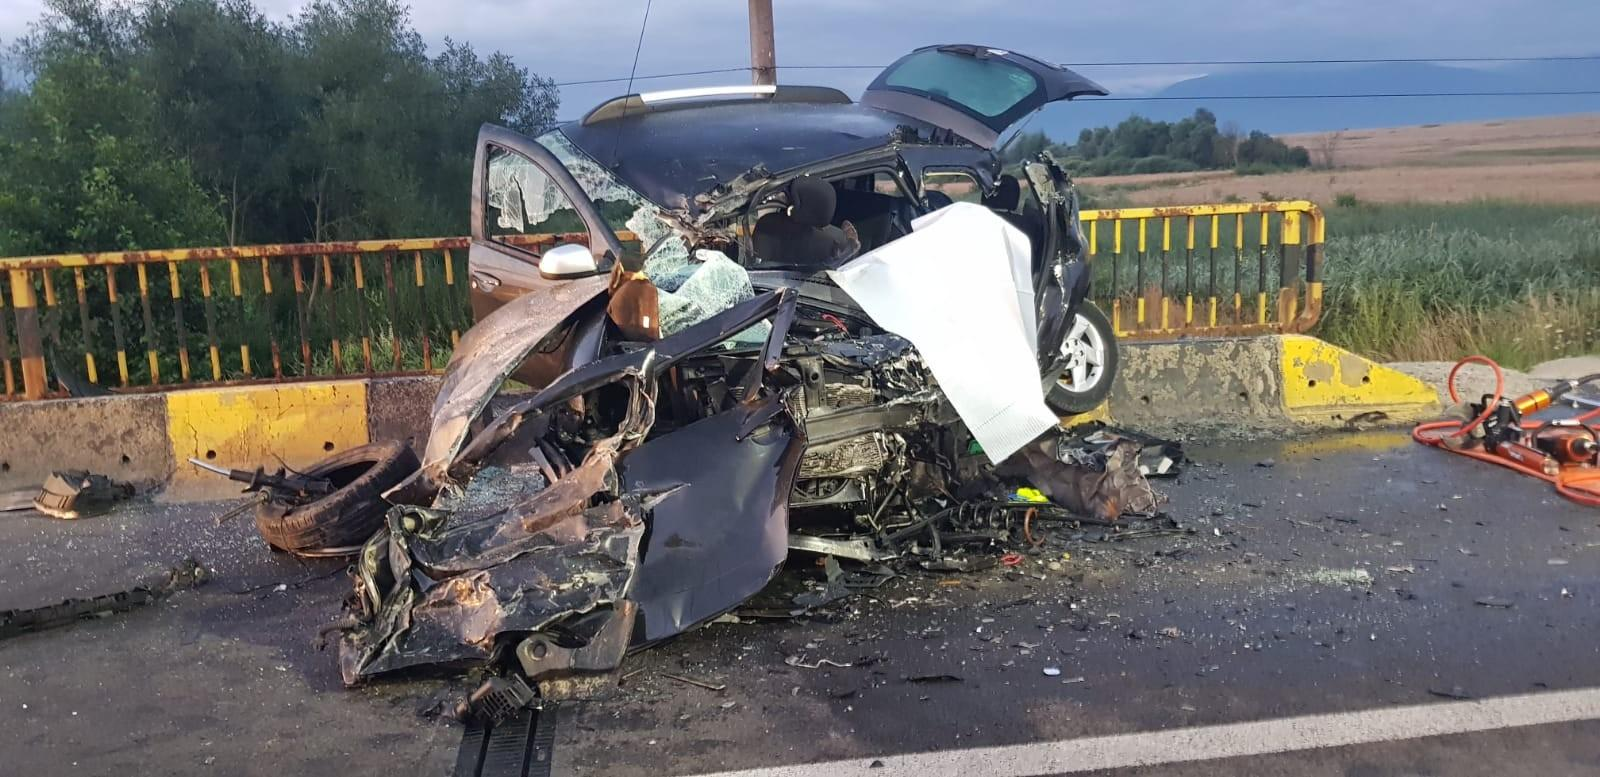 Mașini făcute praf într-un accident mortal pe DN1, la Brașov. Doi oameni au murit, alți patru au ajuns la spital